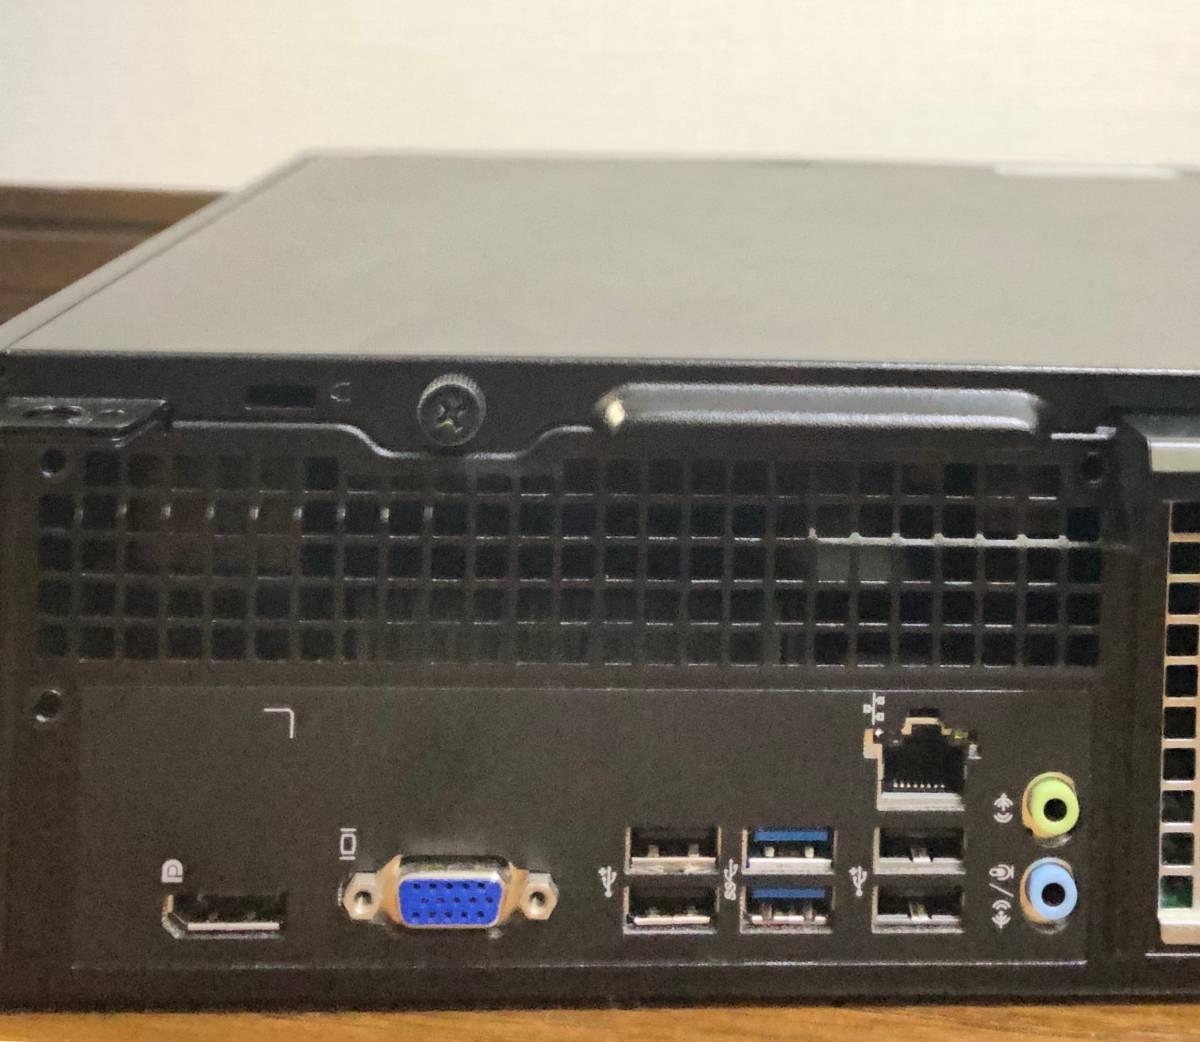 ●超高速小型PC●新品SSD1TB(1000GB)●i7-4790(4.0Gx8)●メモリ16GB●無線LAN(Wi-Fi)●USB3.0●2画面●静音●Win10●MS Office Pro 2019●_画像5